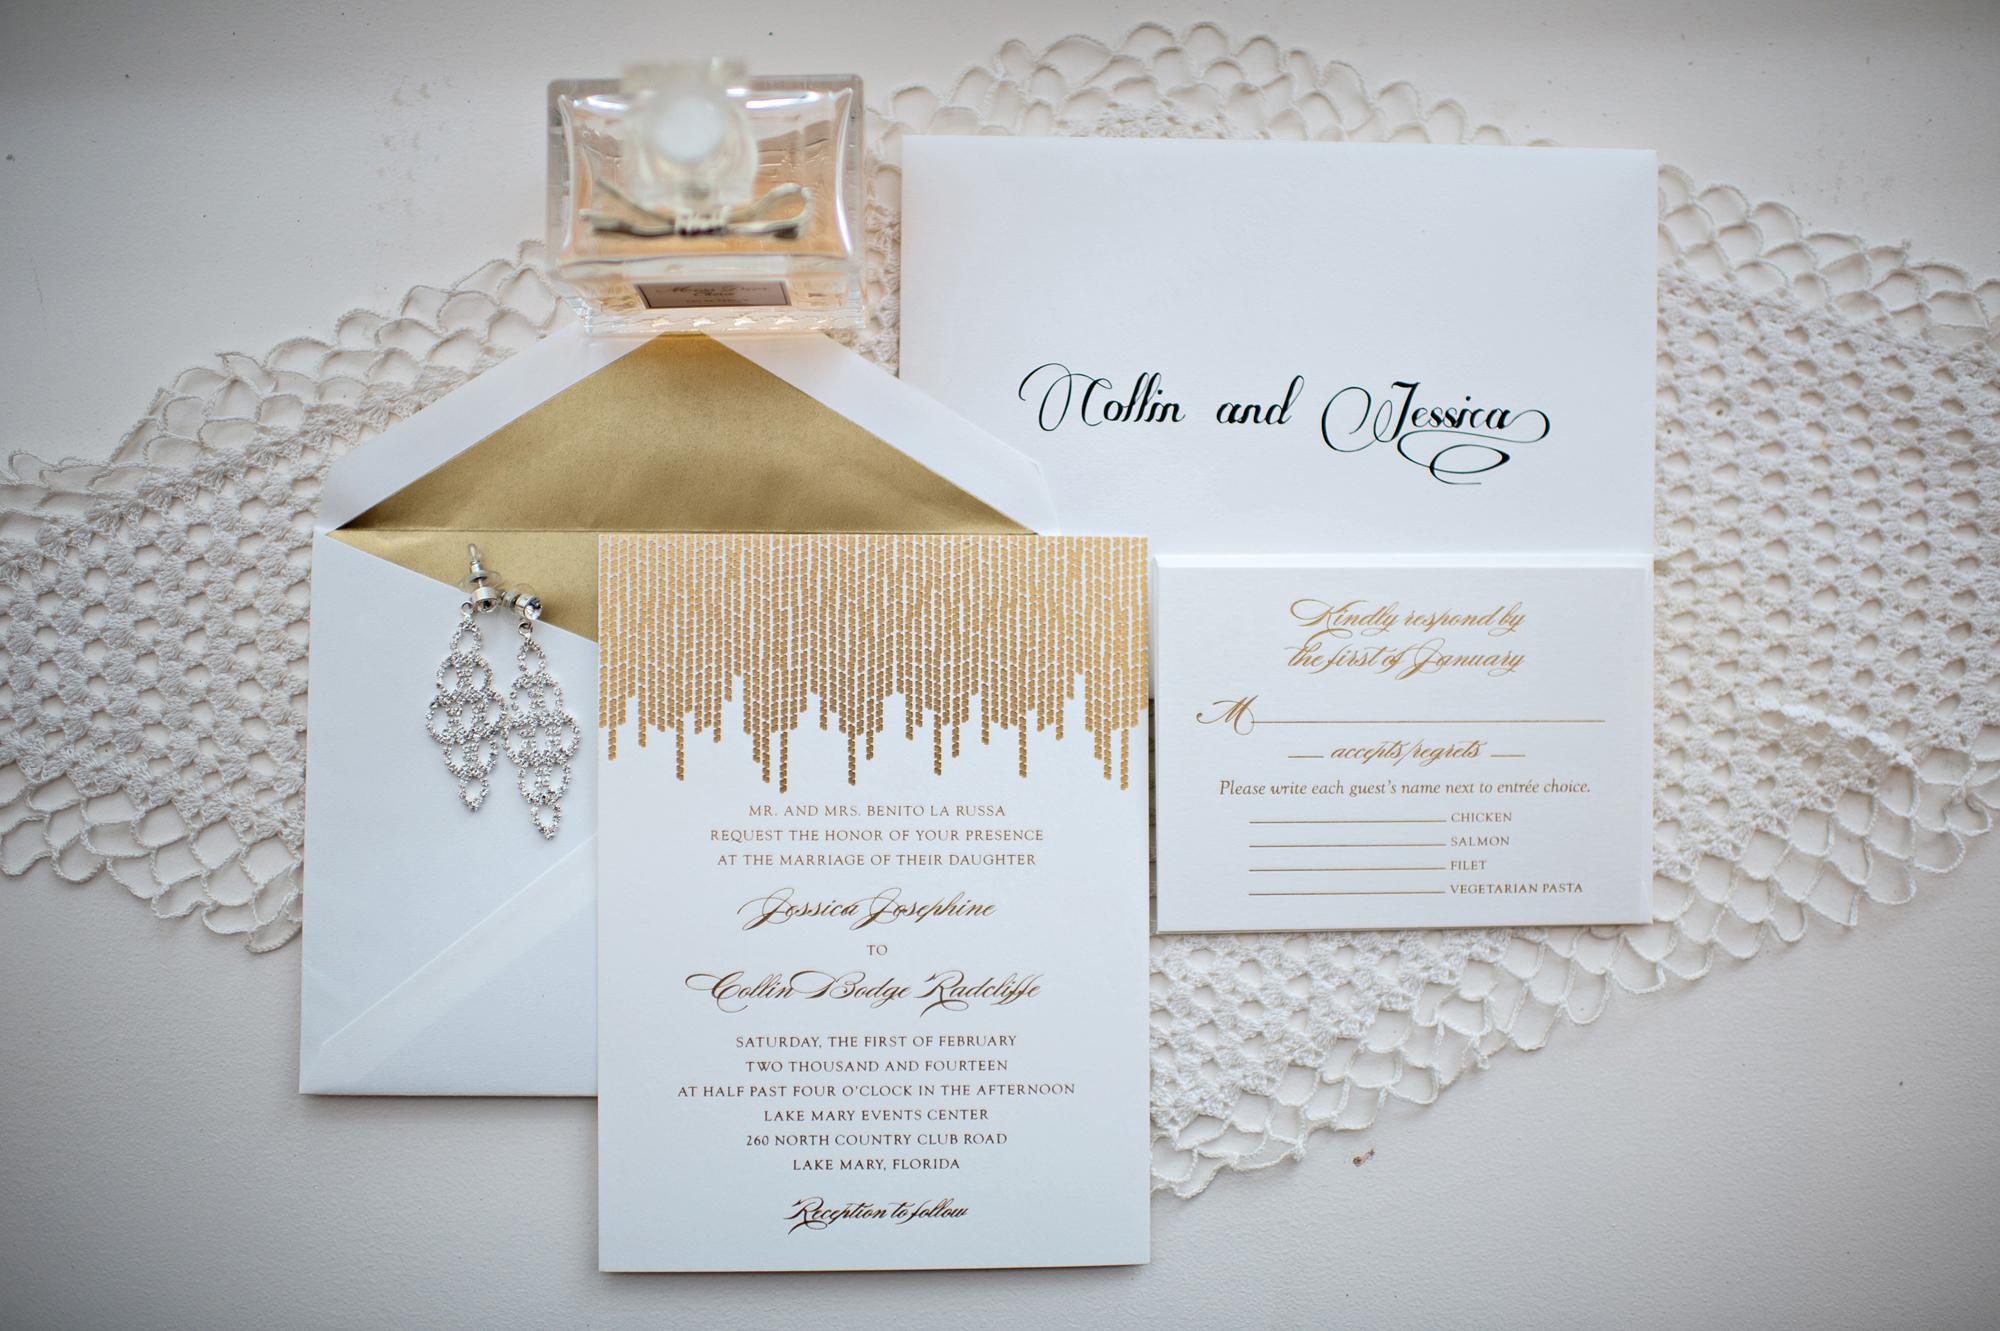 Glam invitation suite